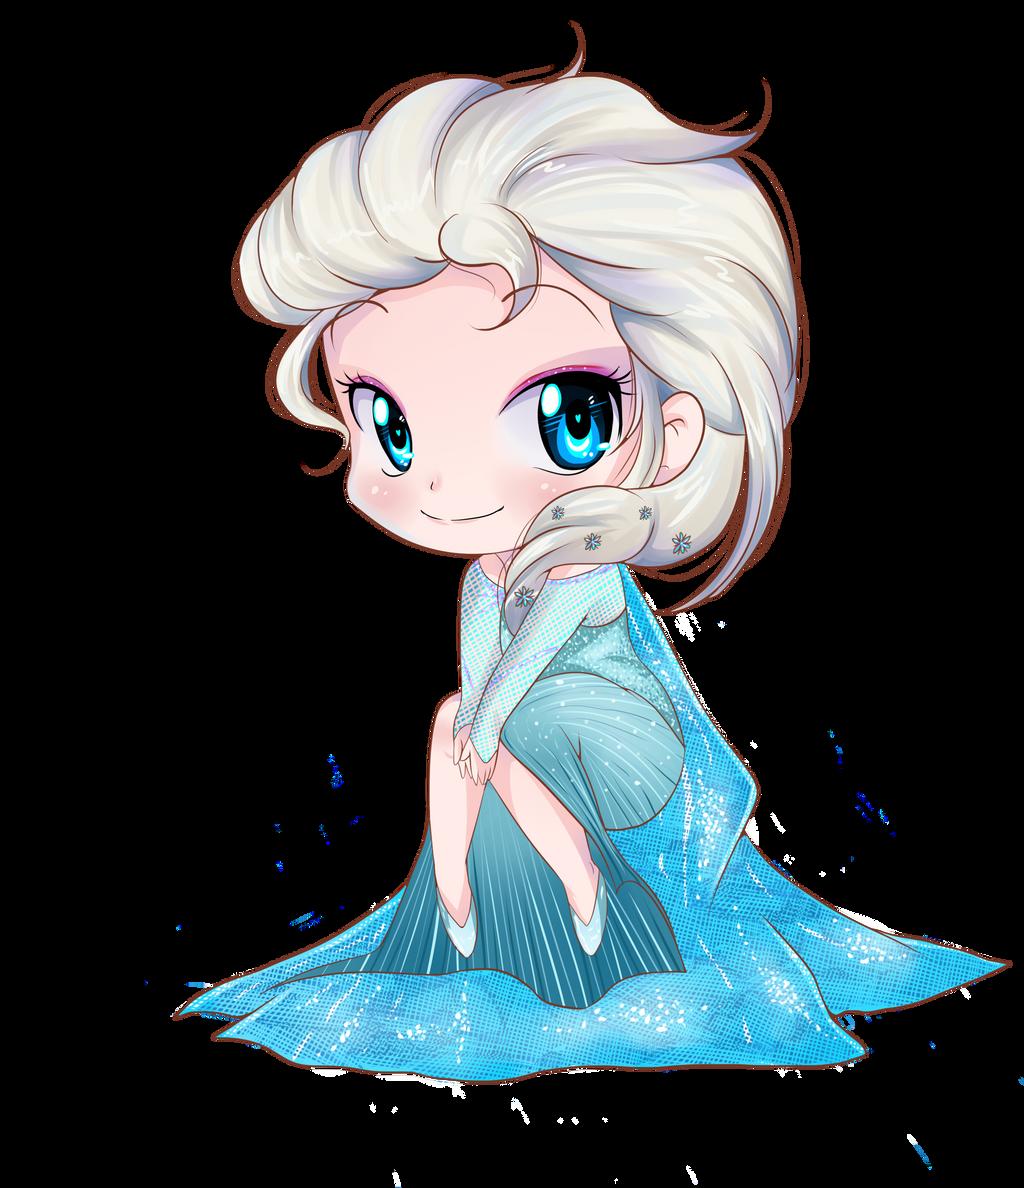 Elsa frozen chibi by keitenstudio on DeviantArt